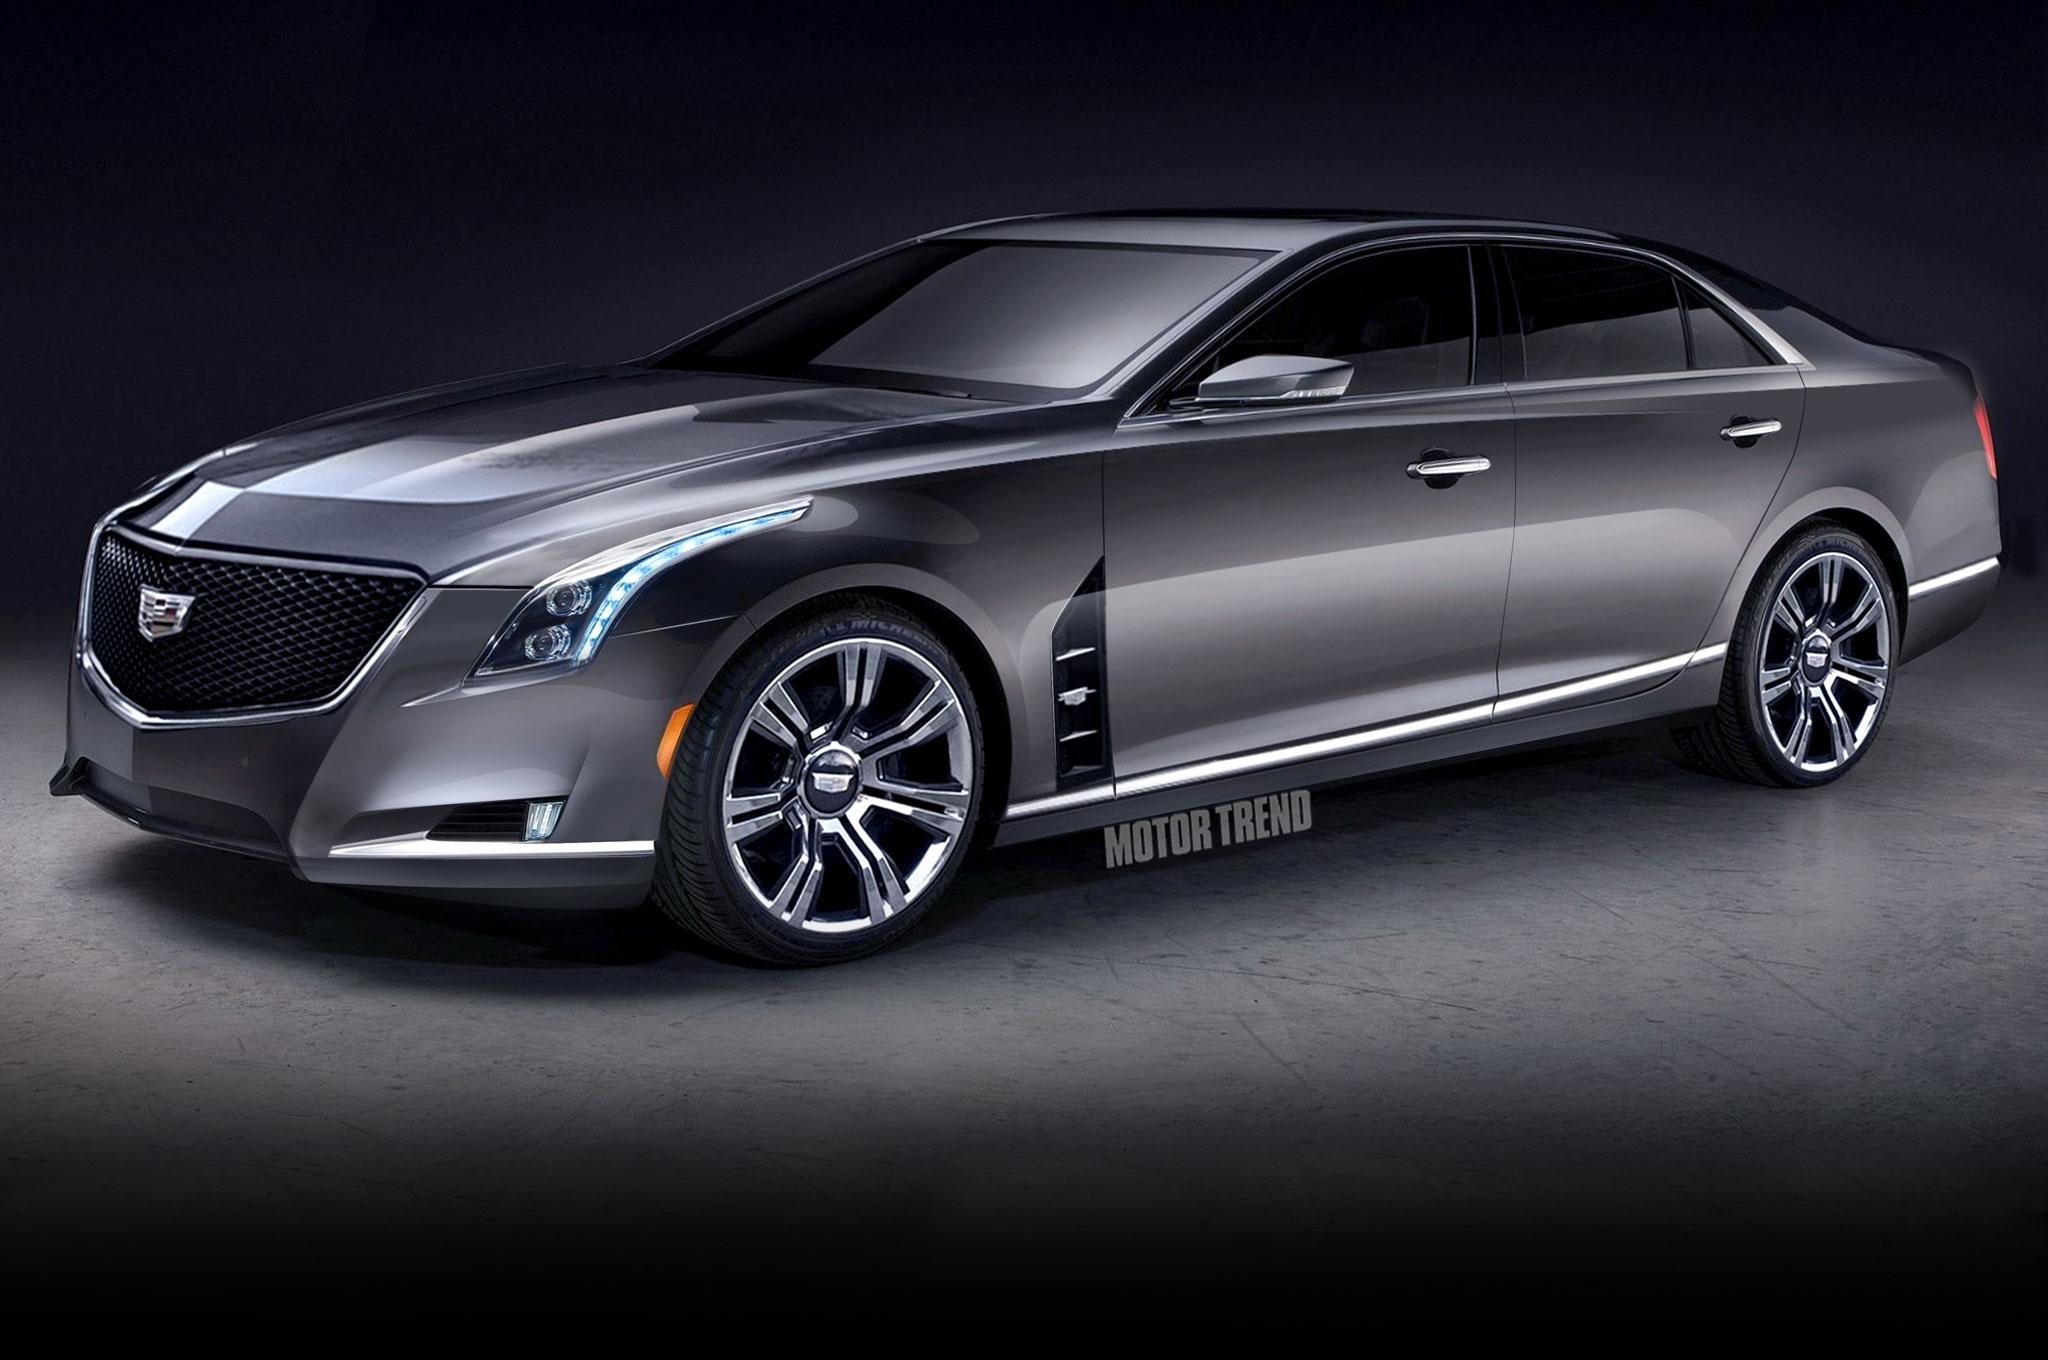 2016 Cadillac Lts 12